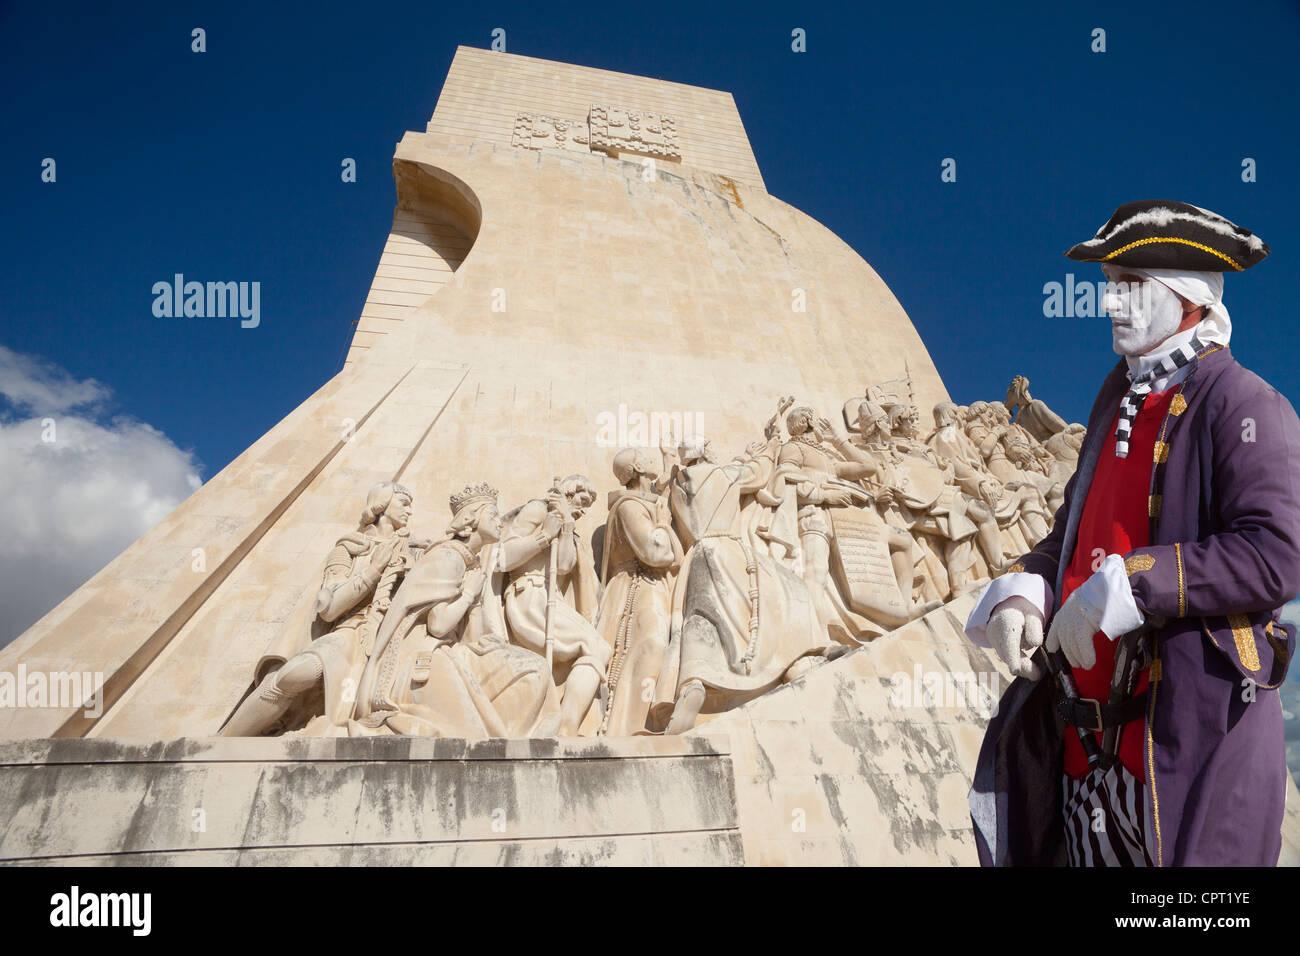 Denkmal der Entdeckungen und des Menschen in historischen Kostümen, Lissabon, Portugal Stockbild